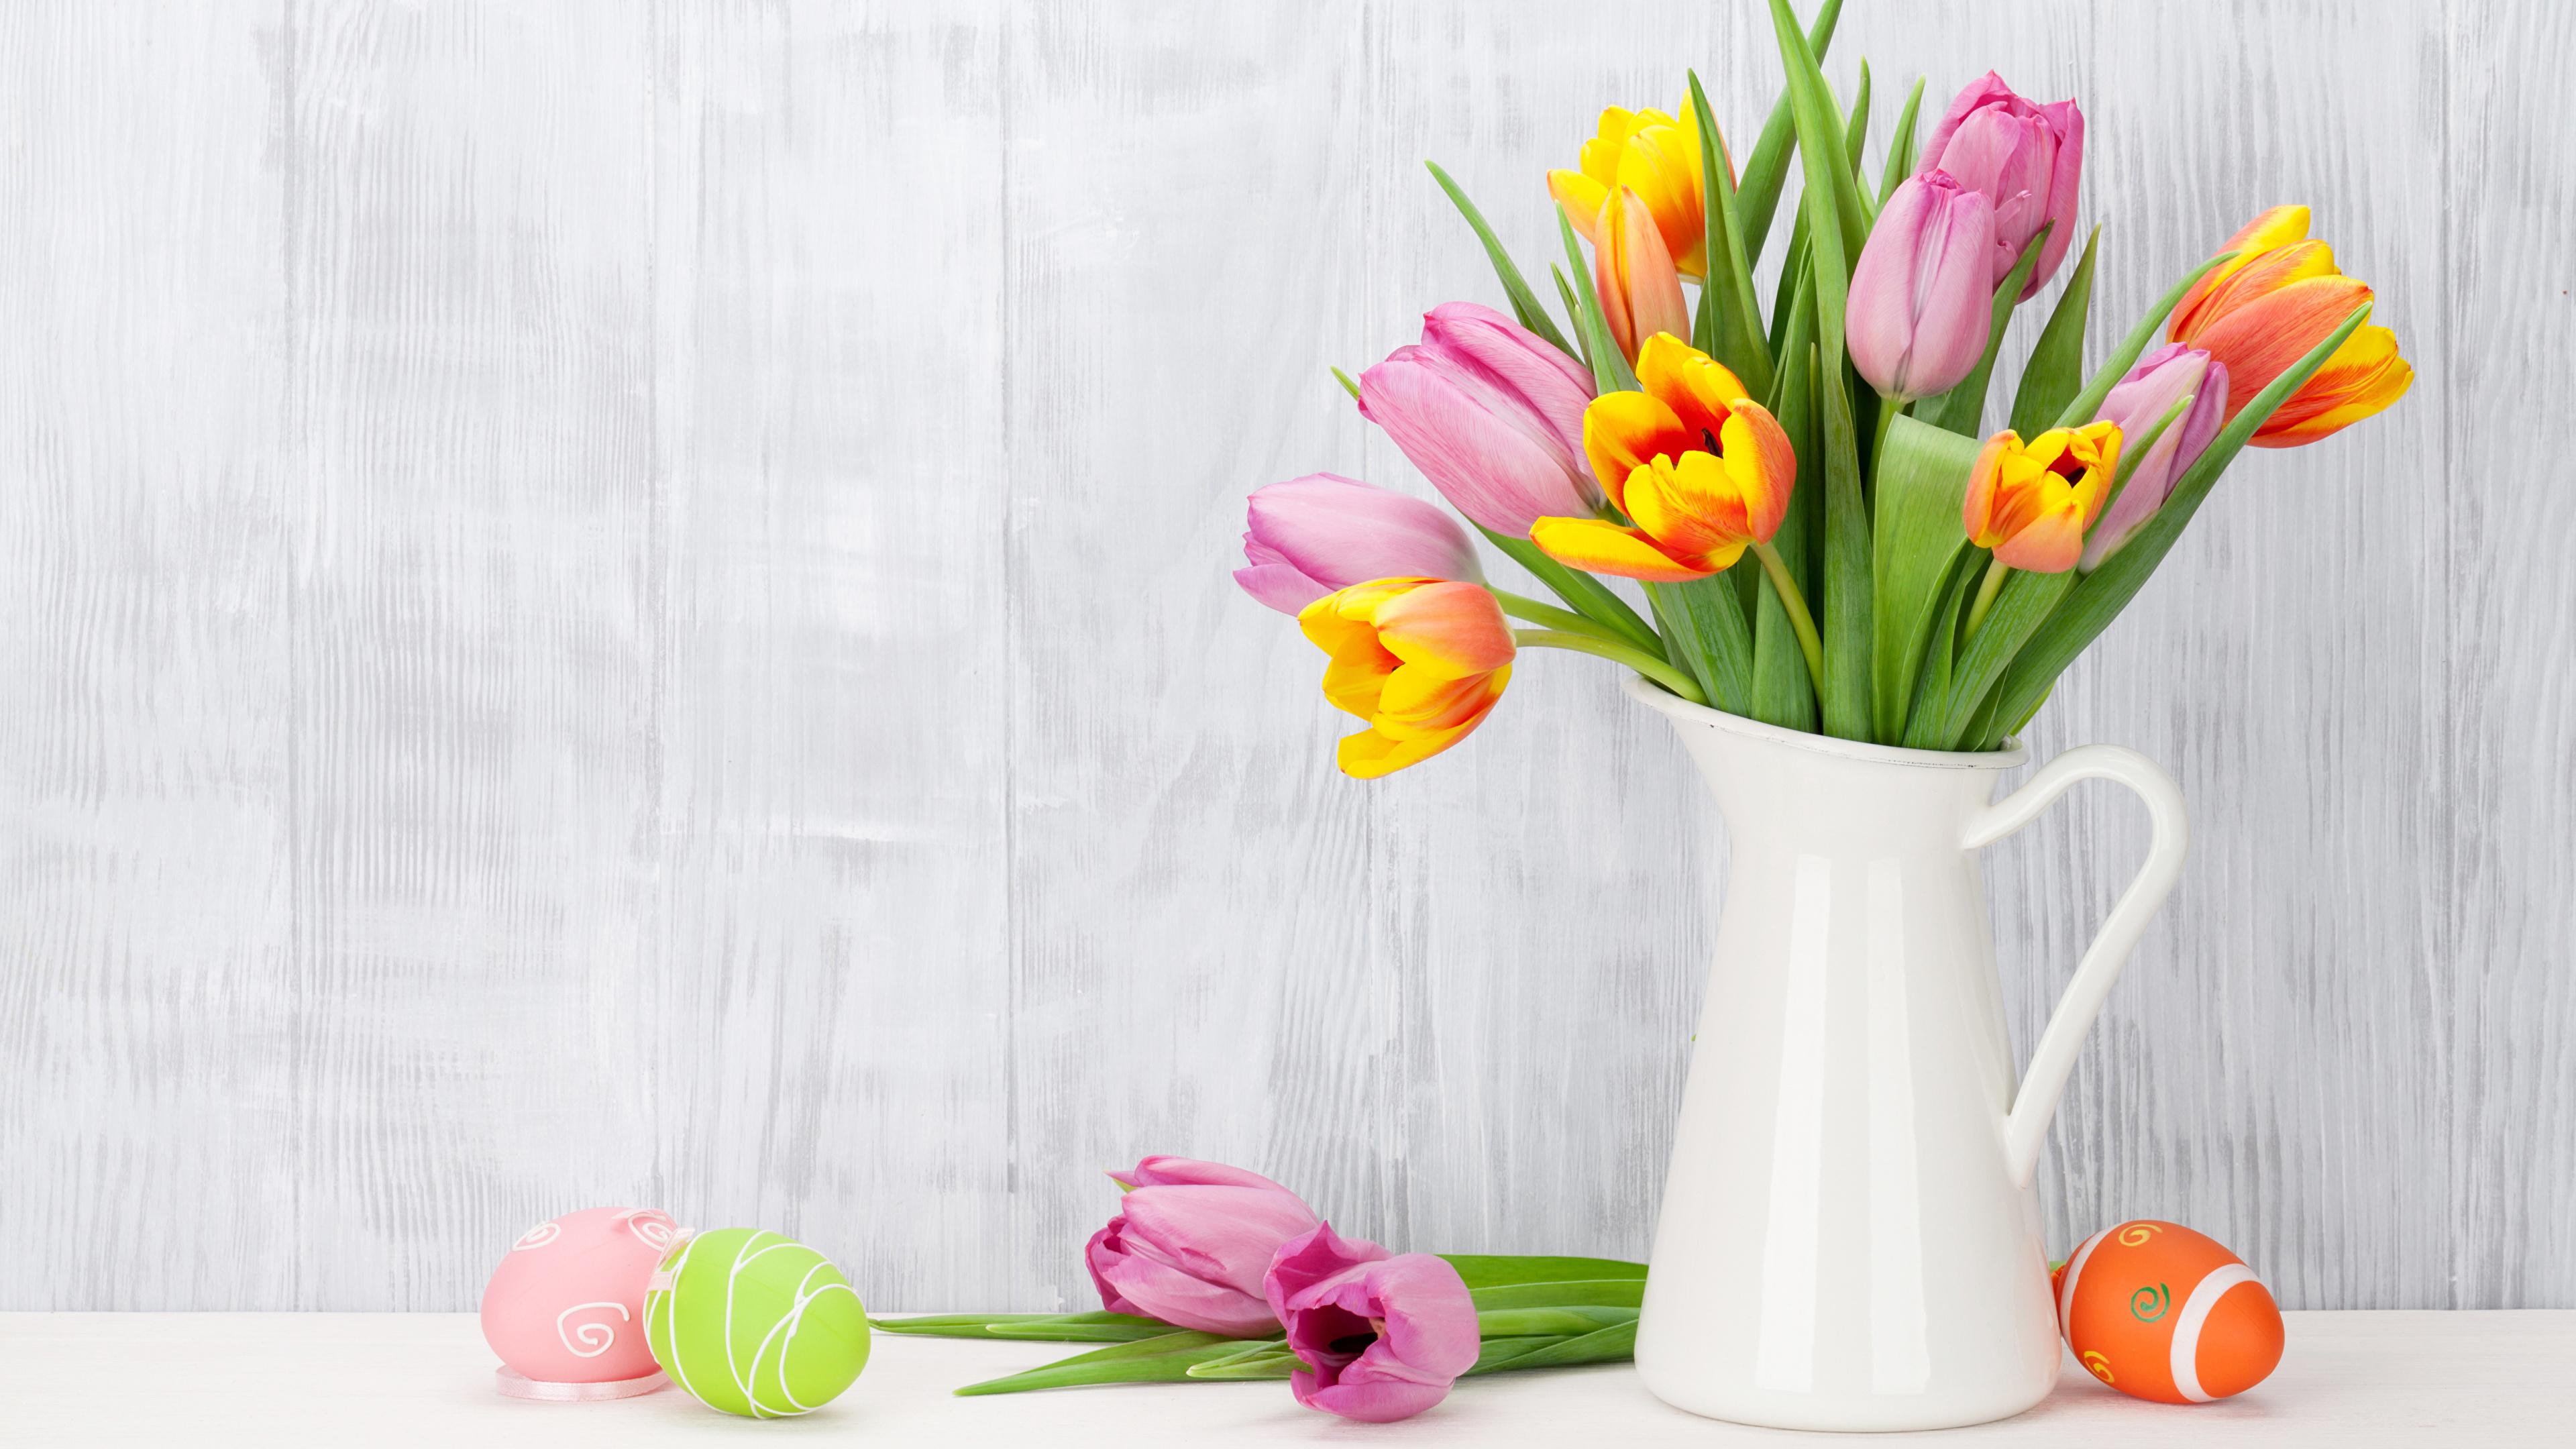 Яйца тюльпаны букет без регистрации